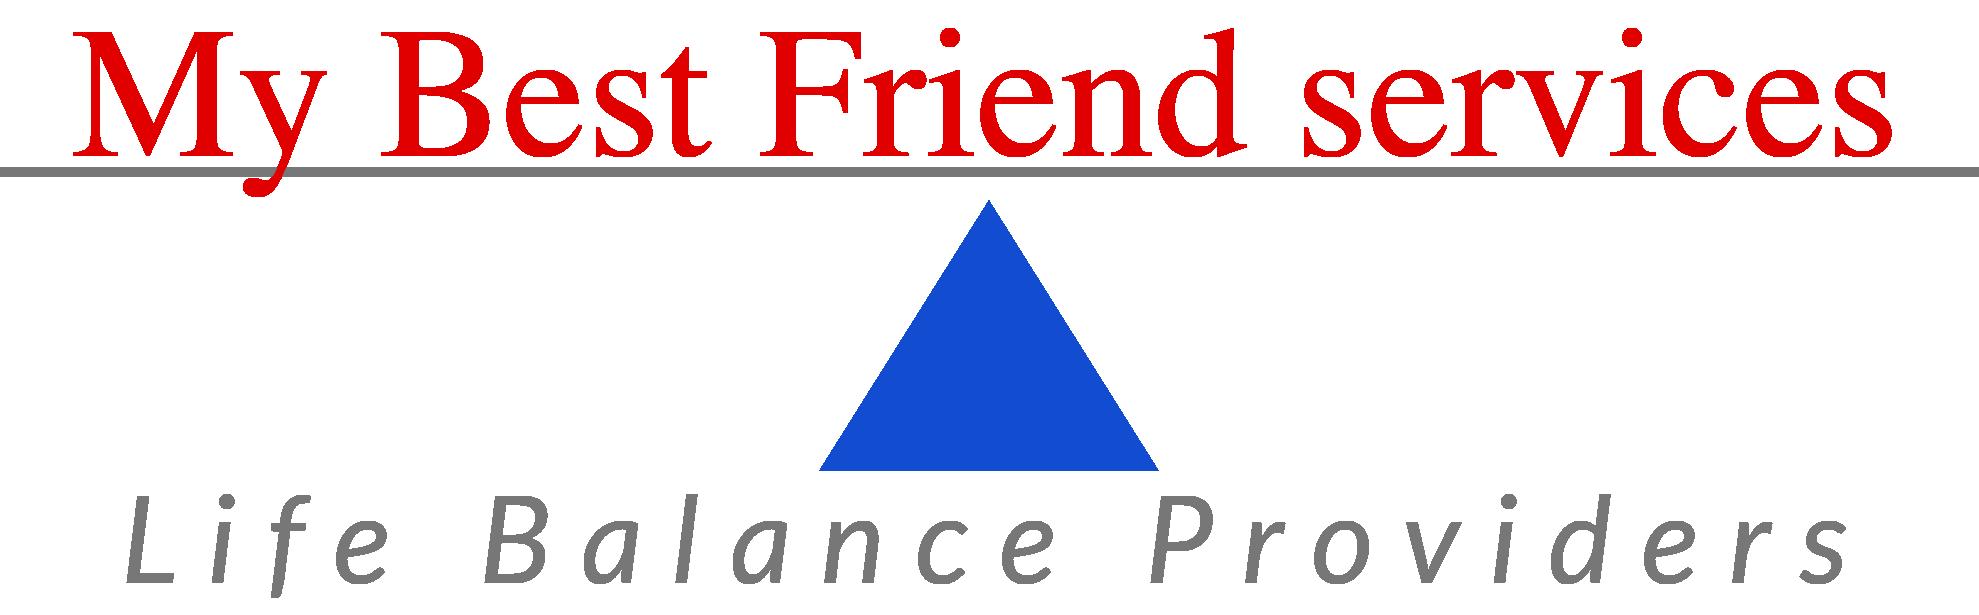 My Best Friend Services